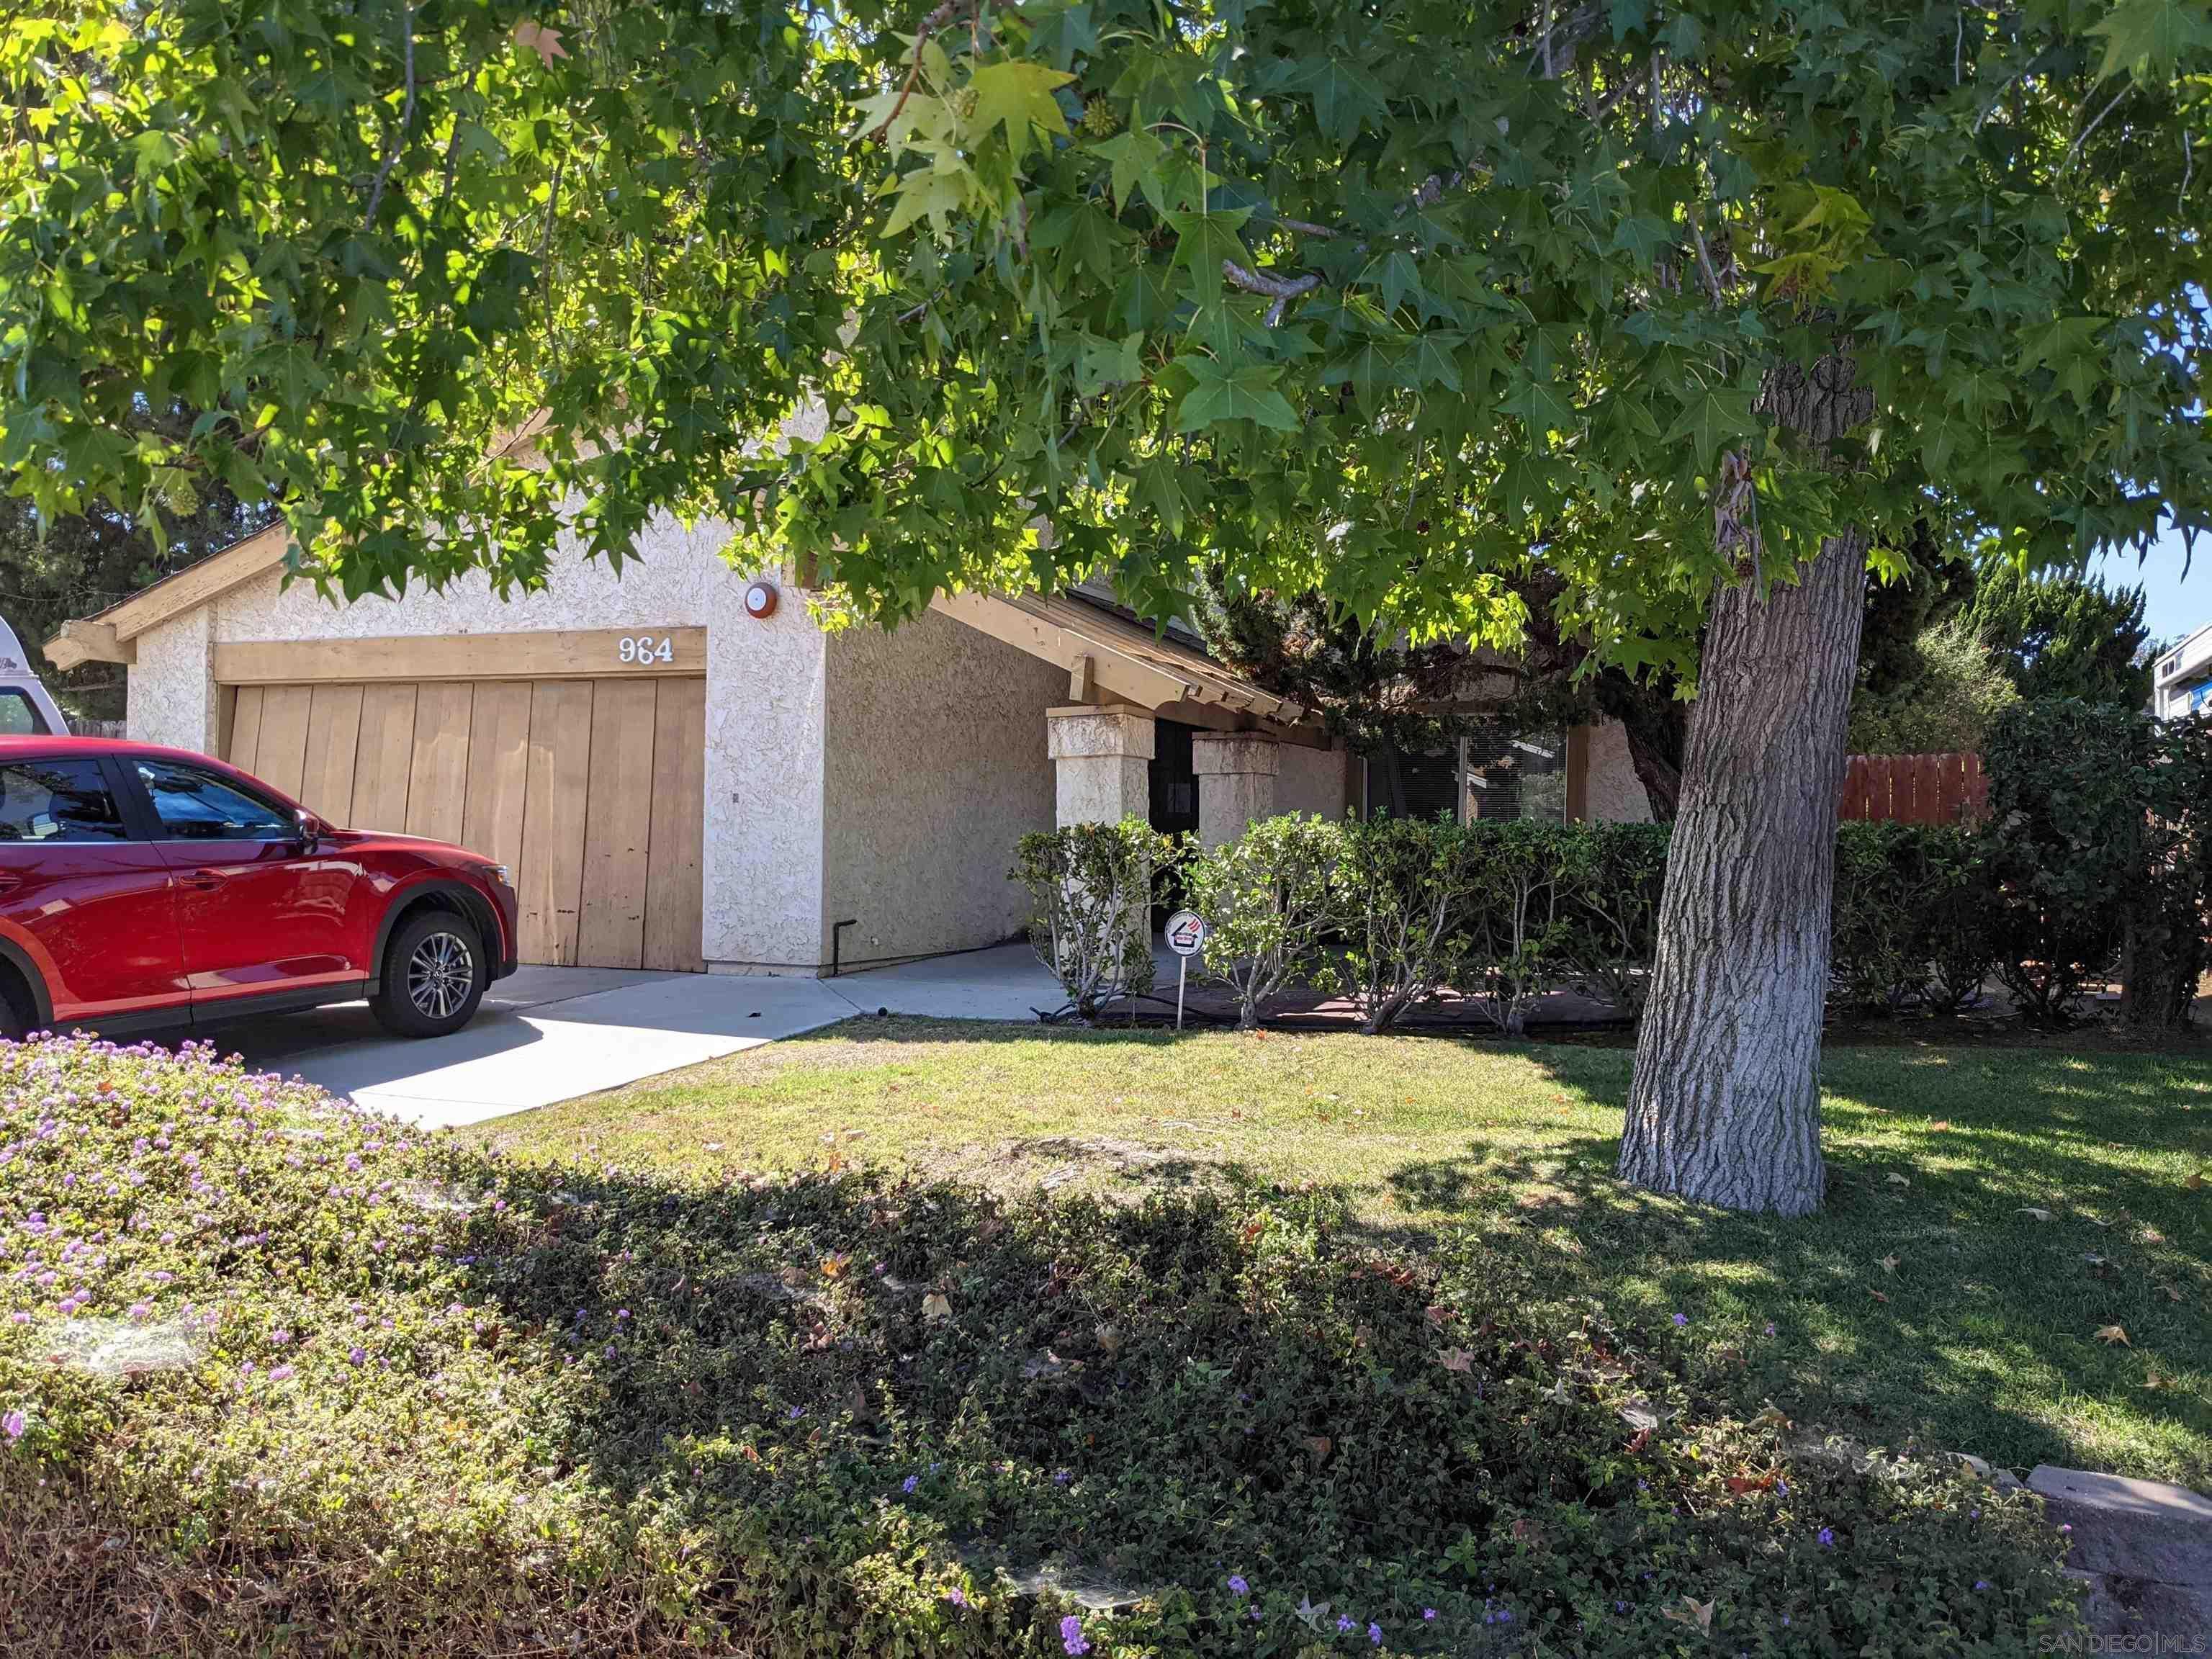 Photo of  964 Buena Vista Way